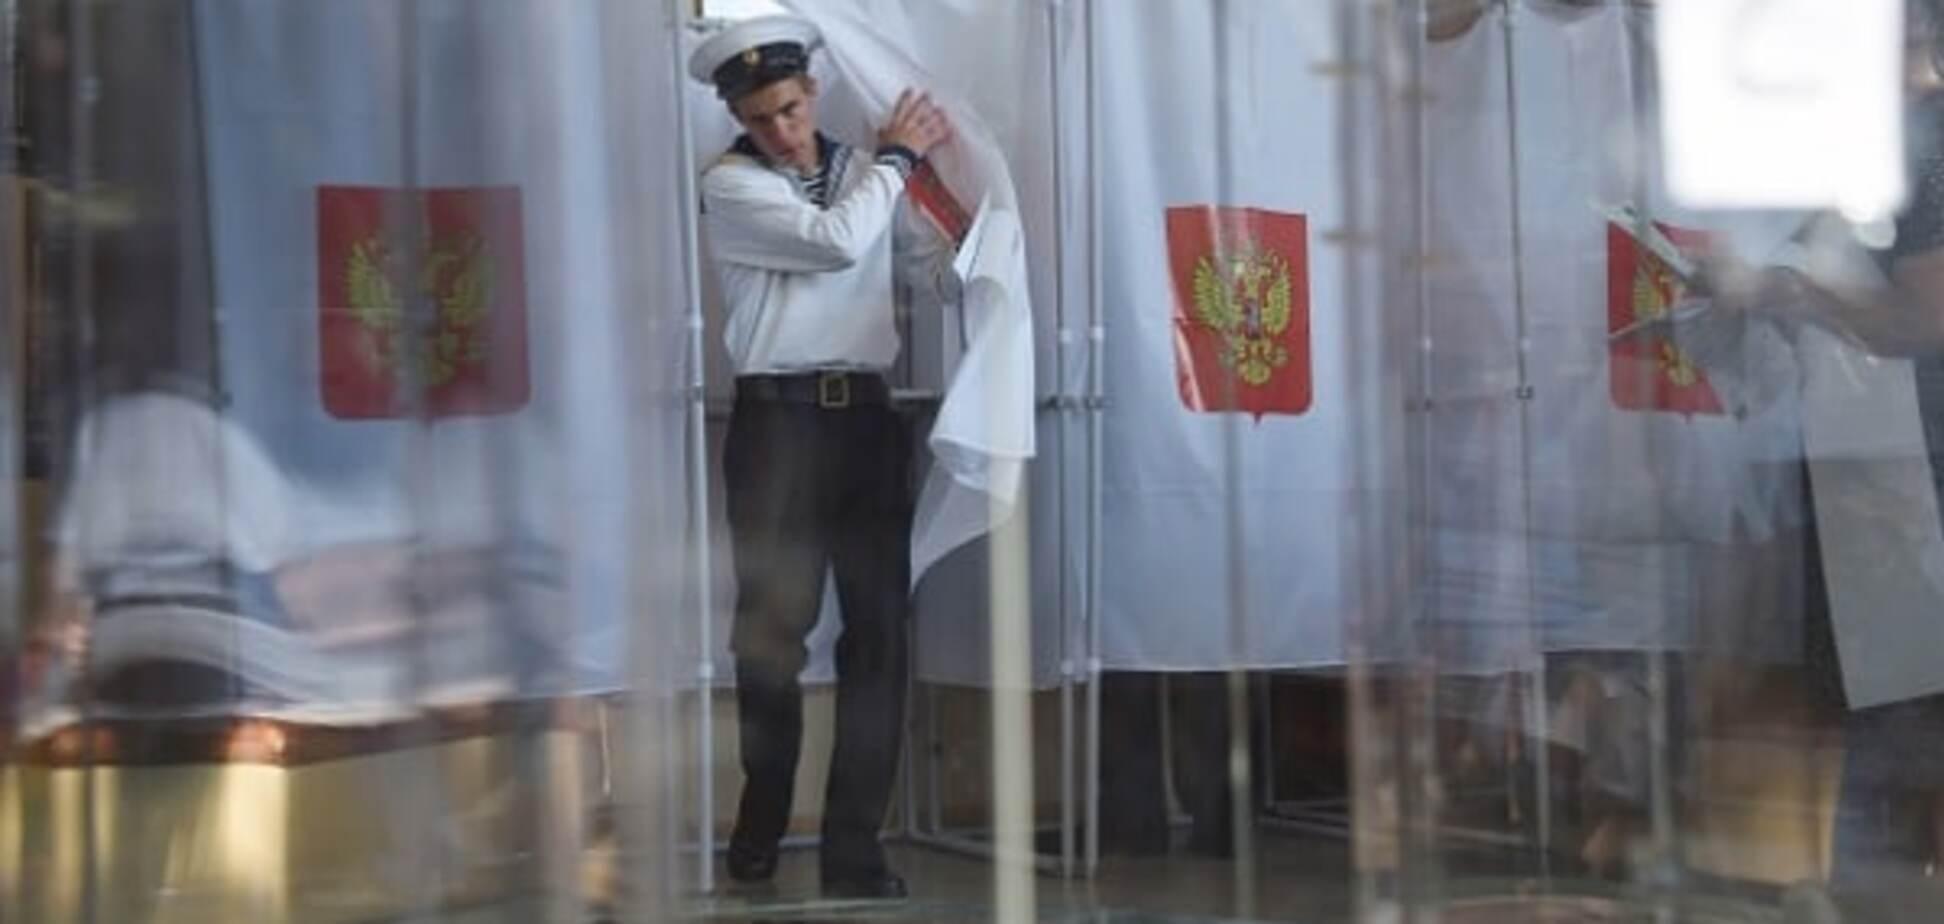 Ігнор окупантів: Крим розчарував Кремль на виборах до Держдуми